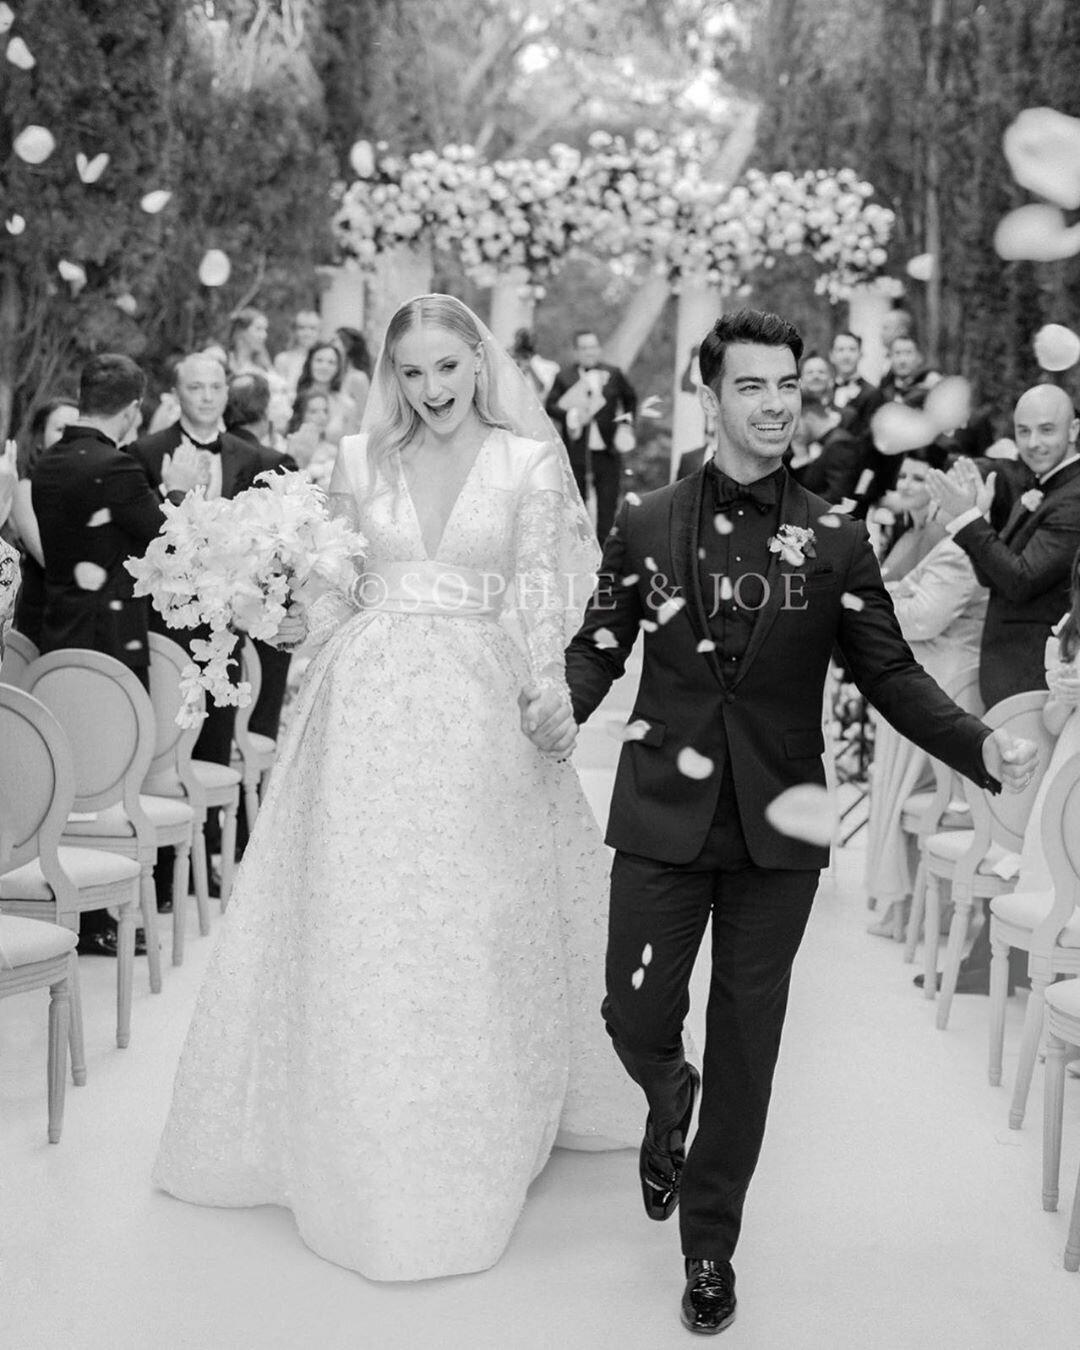 Sophie Turner dévoile une photo de son mariage avec Joe Jonas à Carpentras